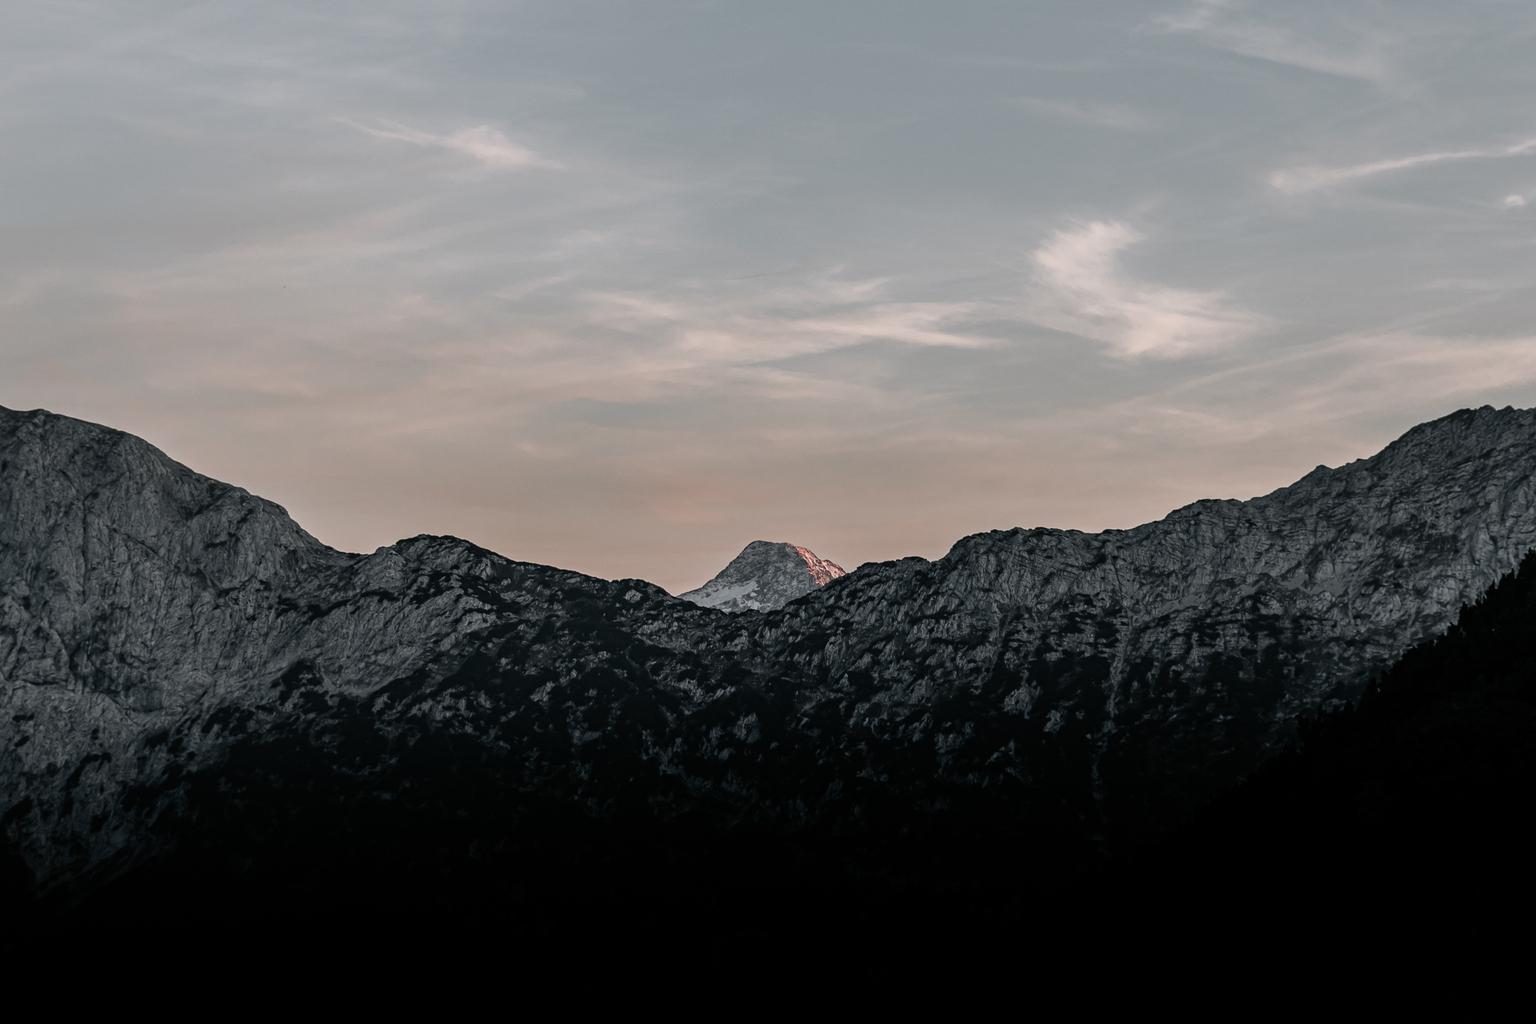 Distance peak. - https://www.facebook.com/ShotByCanipel/ https://www.instagram.com/canipel/ - foto door canipel op 16-04-2021 - locatie: Oostenrijk - deze foto bevat: bergen, minimal, minimalistisch, zonsondergang, landschap, natuur, lucht, avond, oostenrijk, alpen, wandelen, wandeltochten, duurzaam, buiten, licht, perspectief, wolk, lucht, berg, nagloeien, helling, schemer, natuurlijk landschap, hoogland, zonsondergang, zonsopkomst